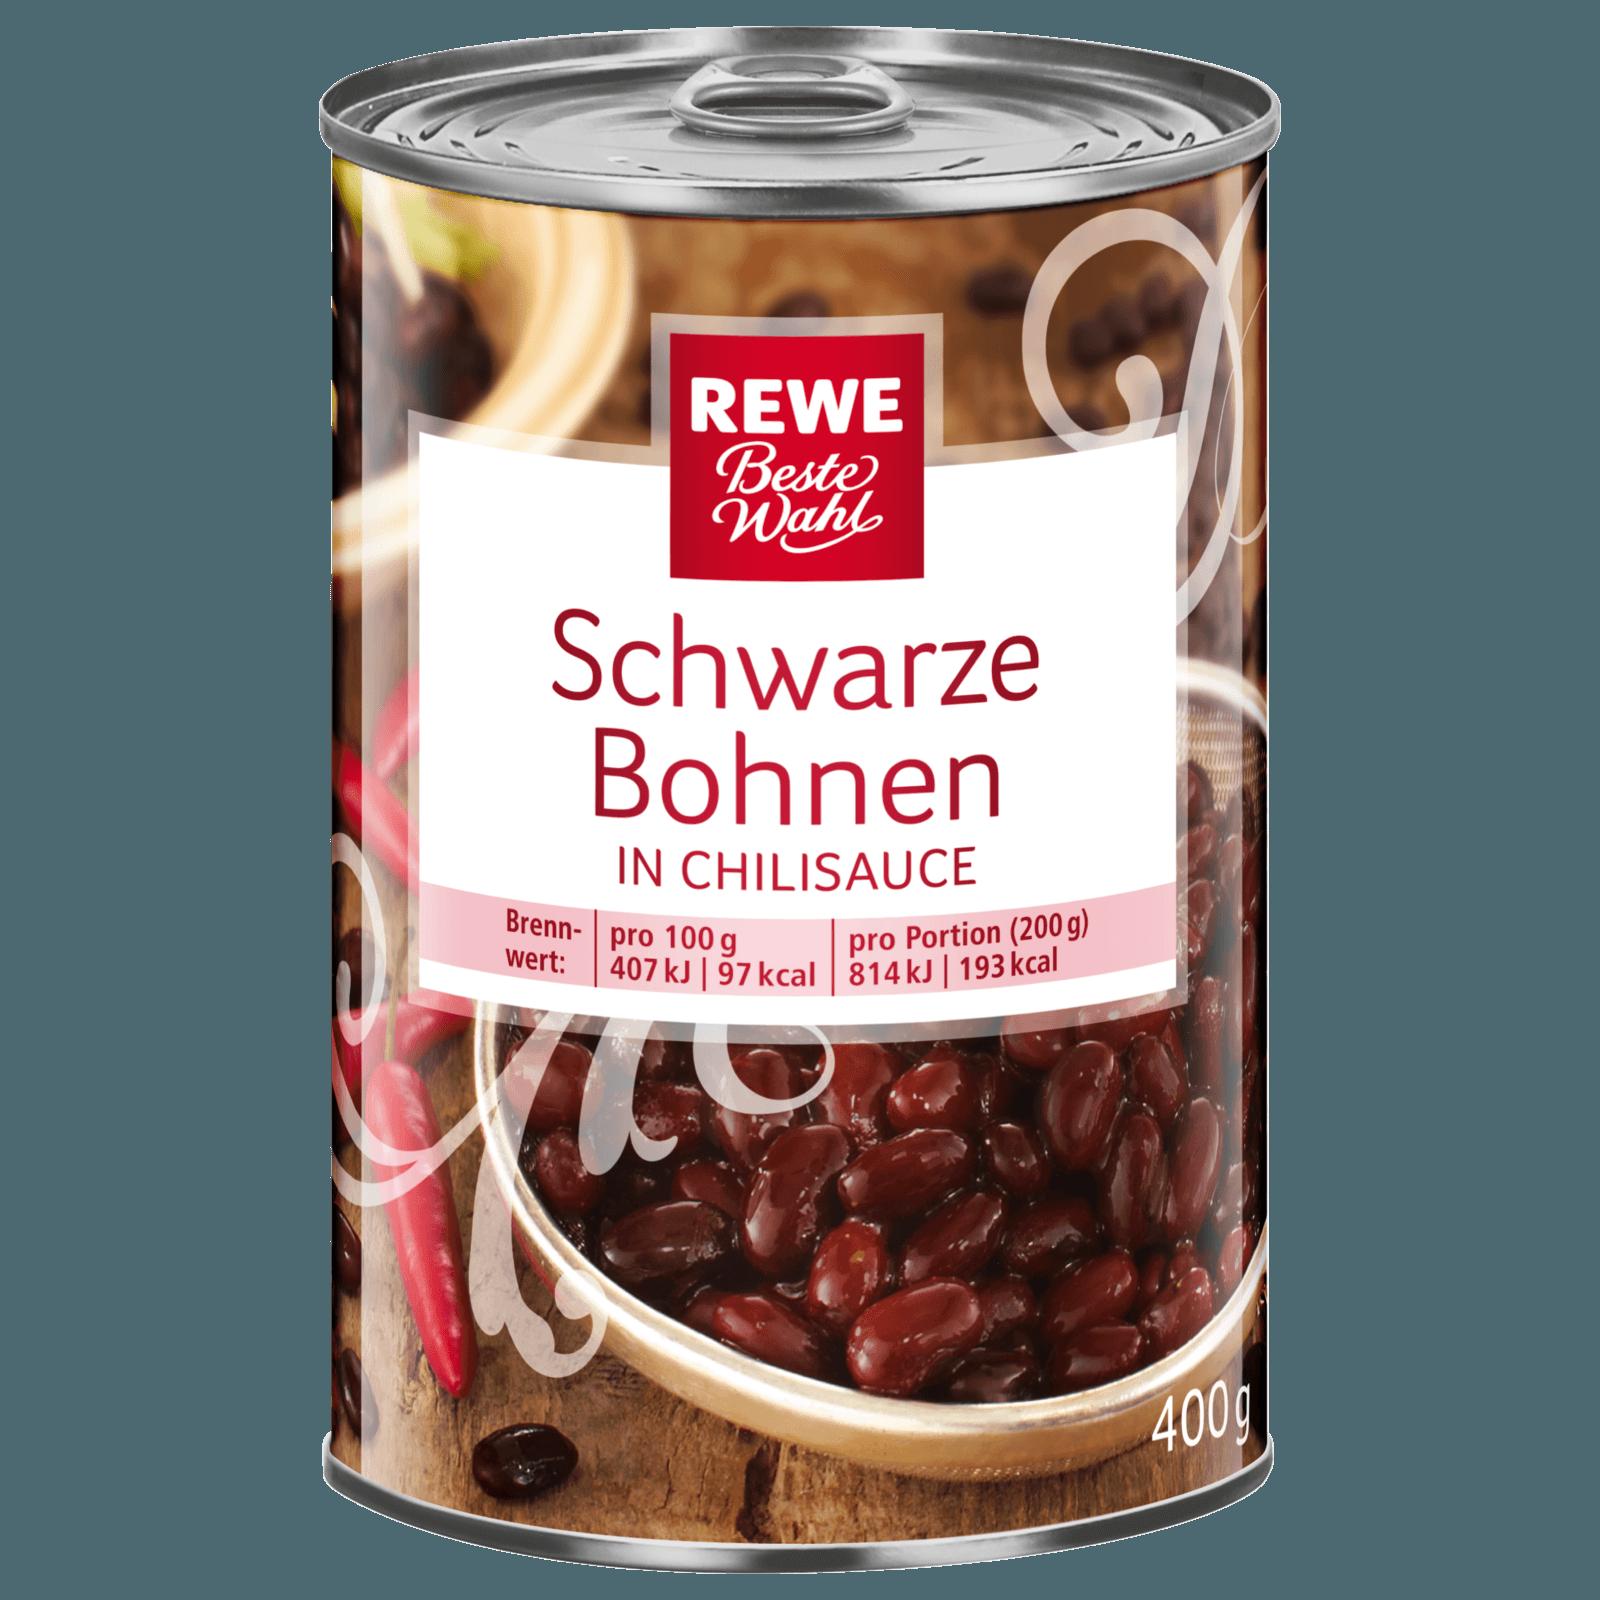 REWE Beste Wahl Schwarze Bohnen in Chilisauce 400g